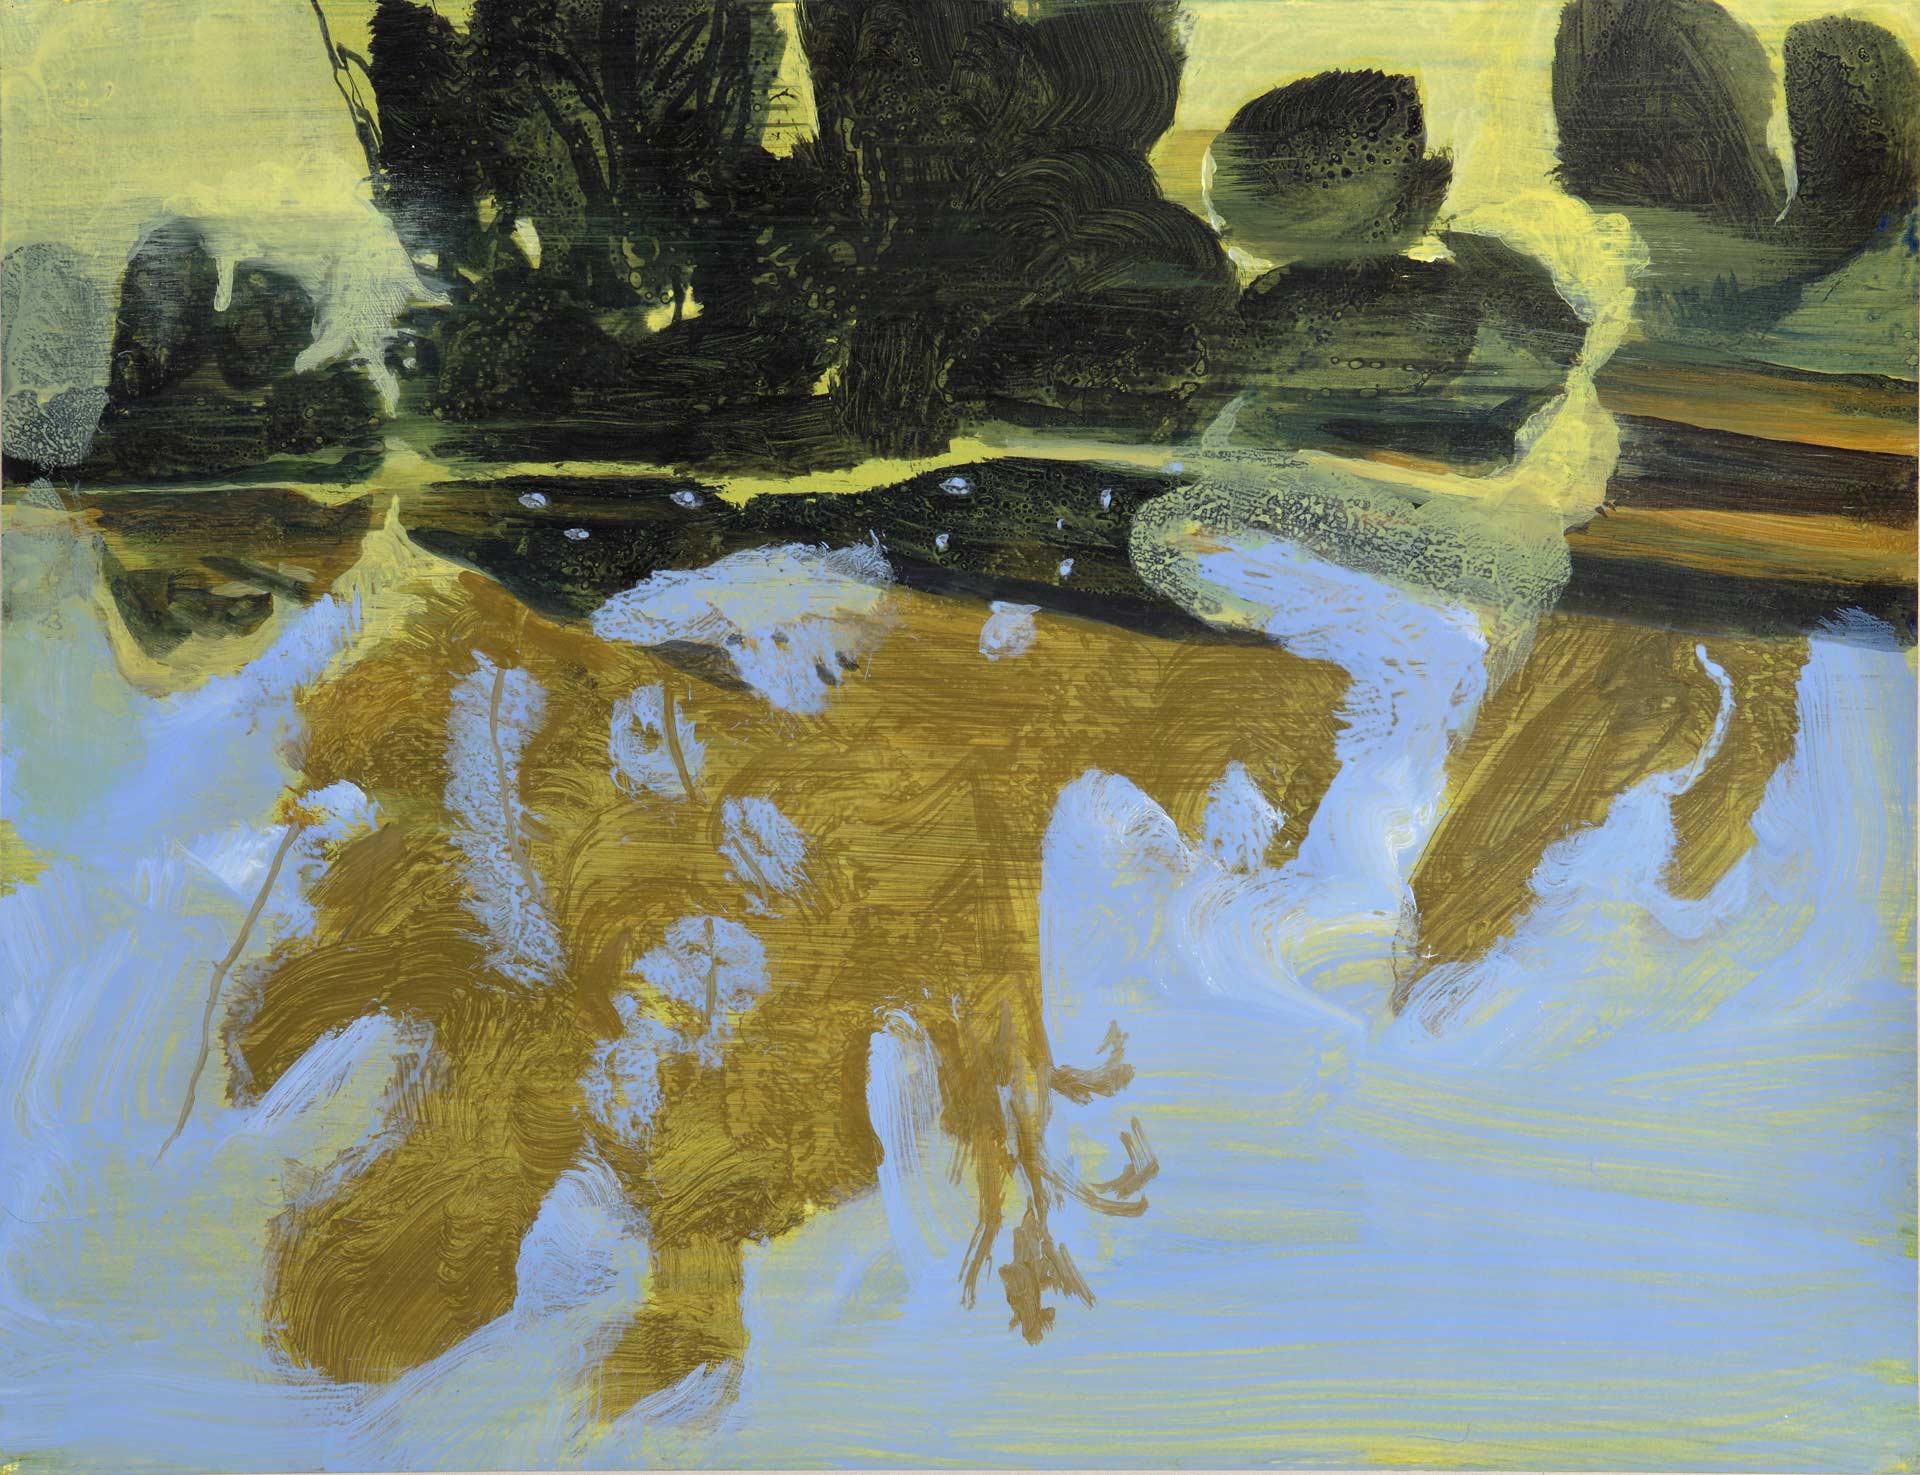 Villefranche-de-Rouergue,-2010,-acrylique-sur-papier,-50X65cm